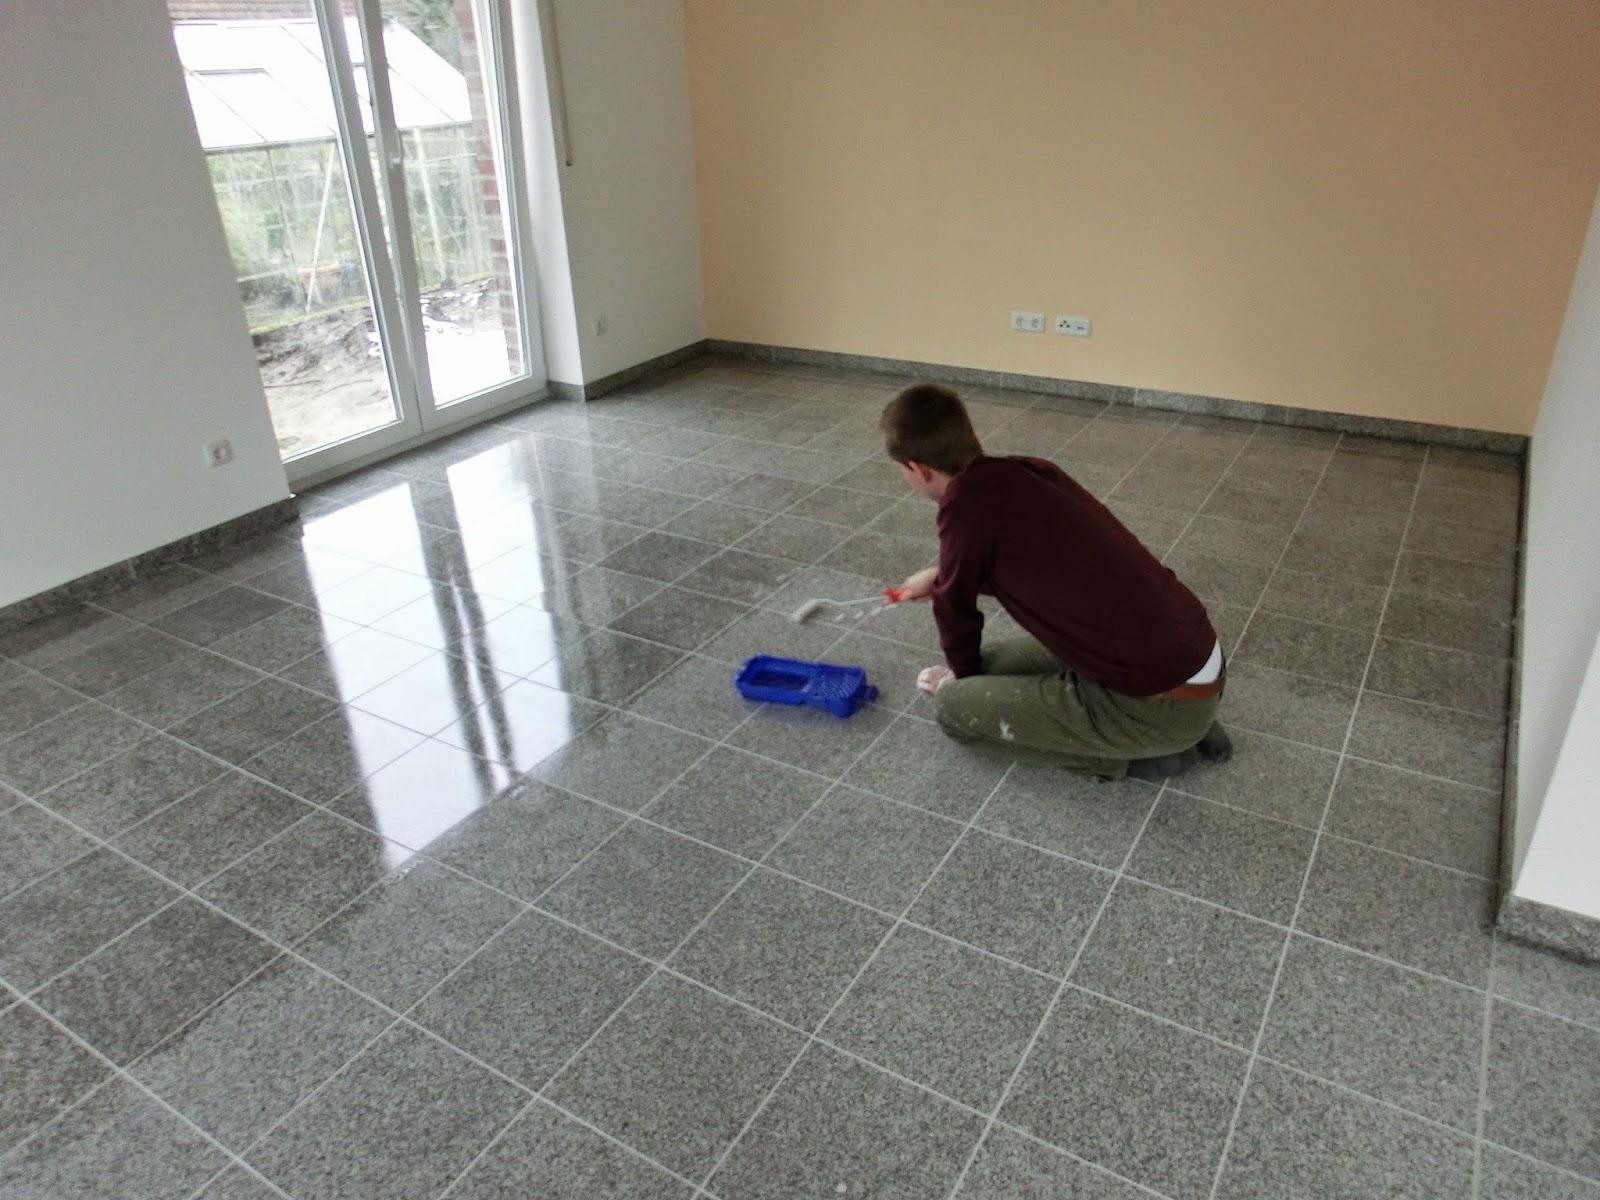 Bevorzugt Wir bauen unser Traumhaus: Granit imprägnieren, 01.02.2015 NC66